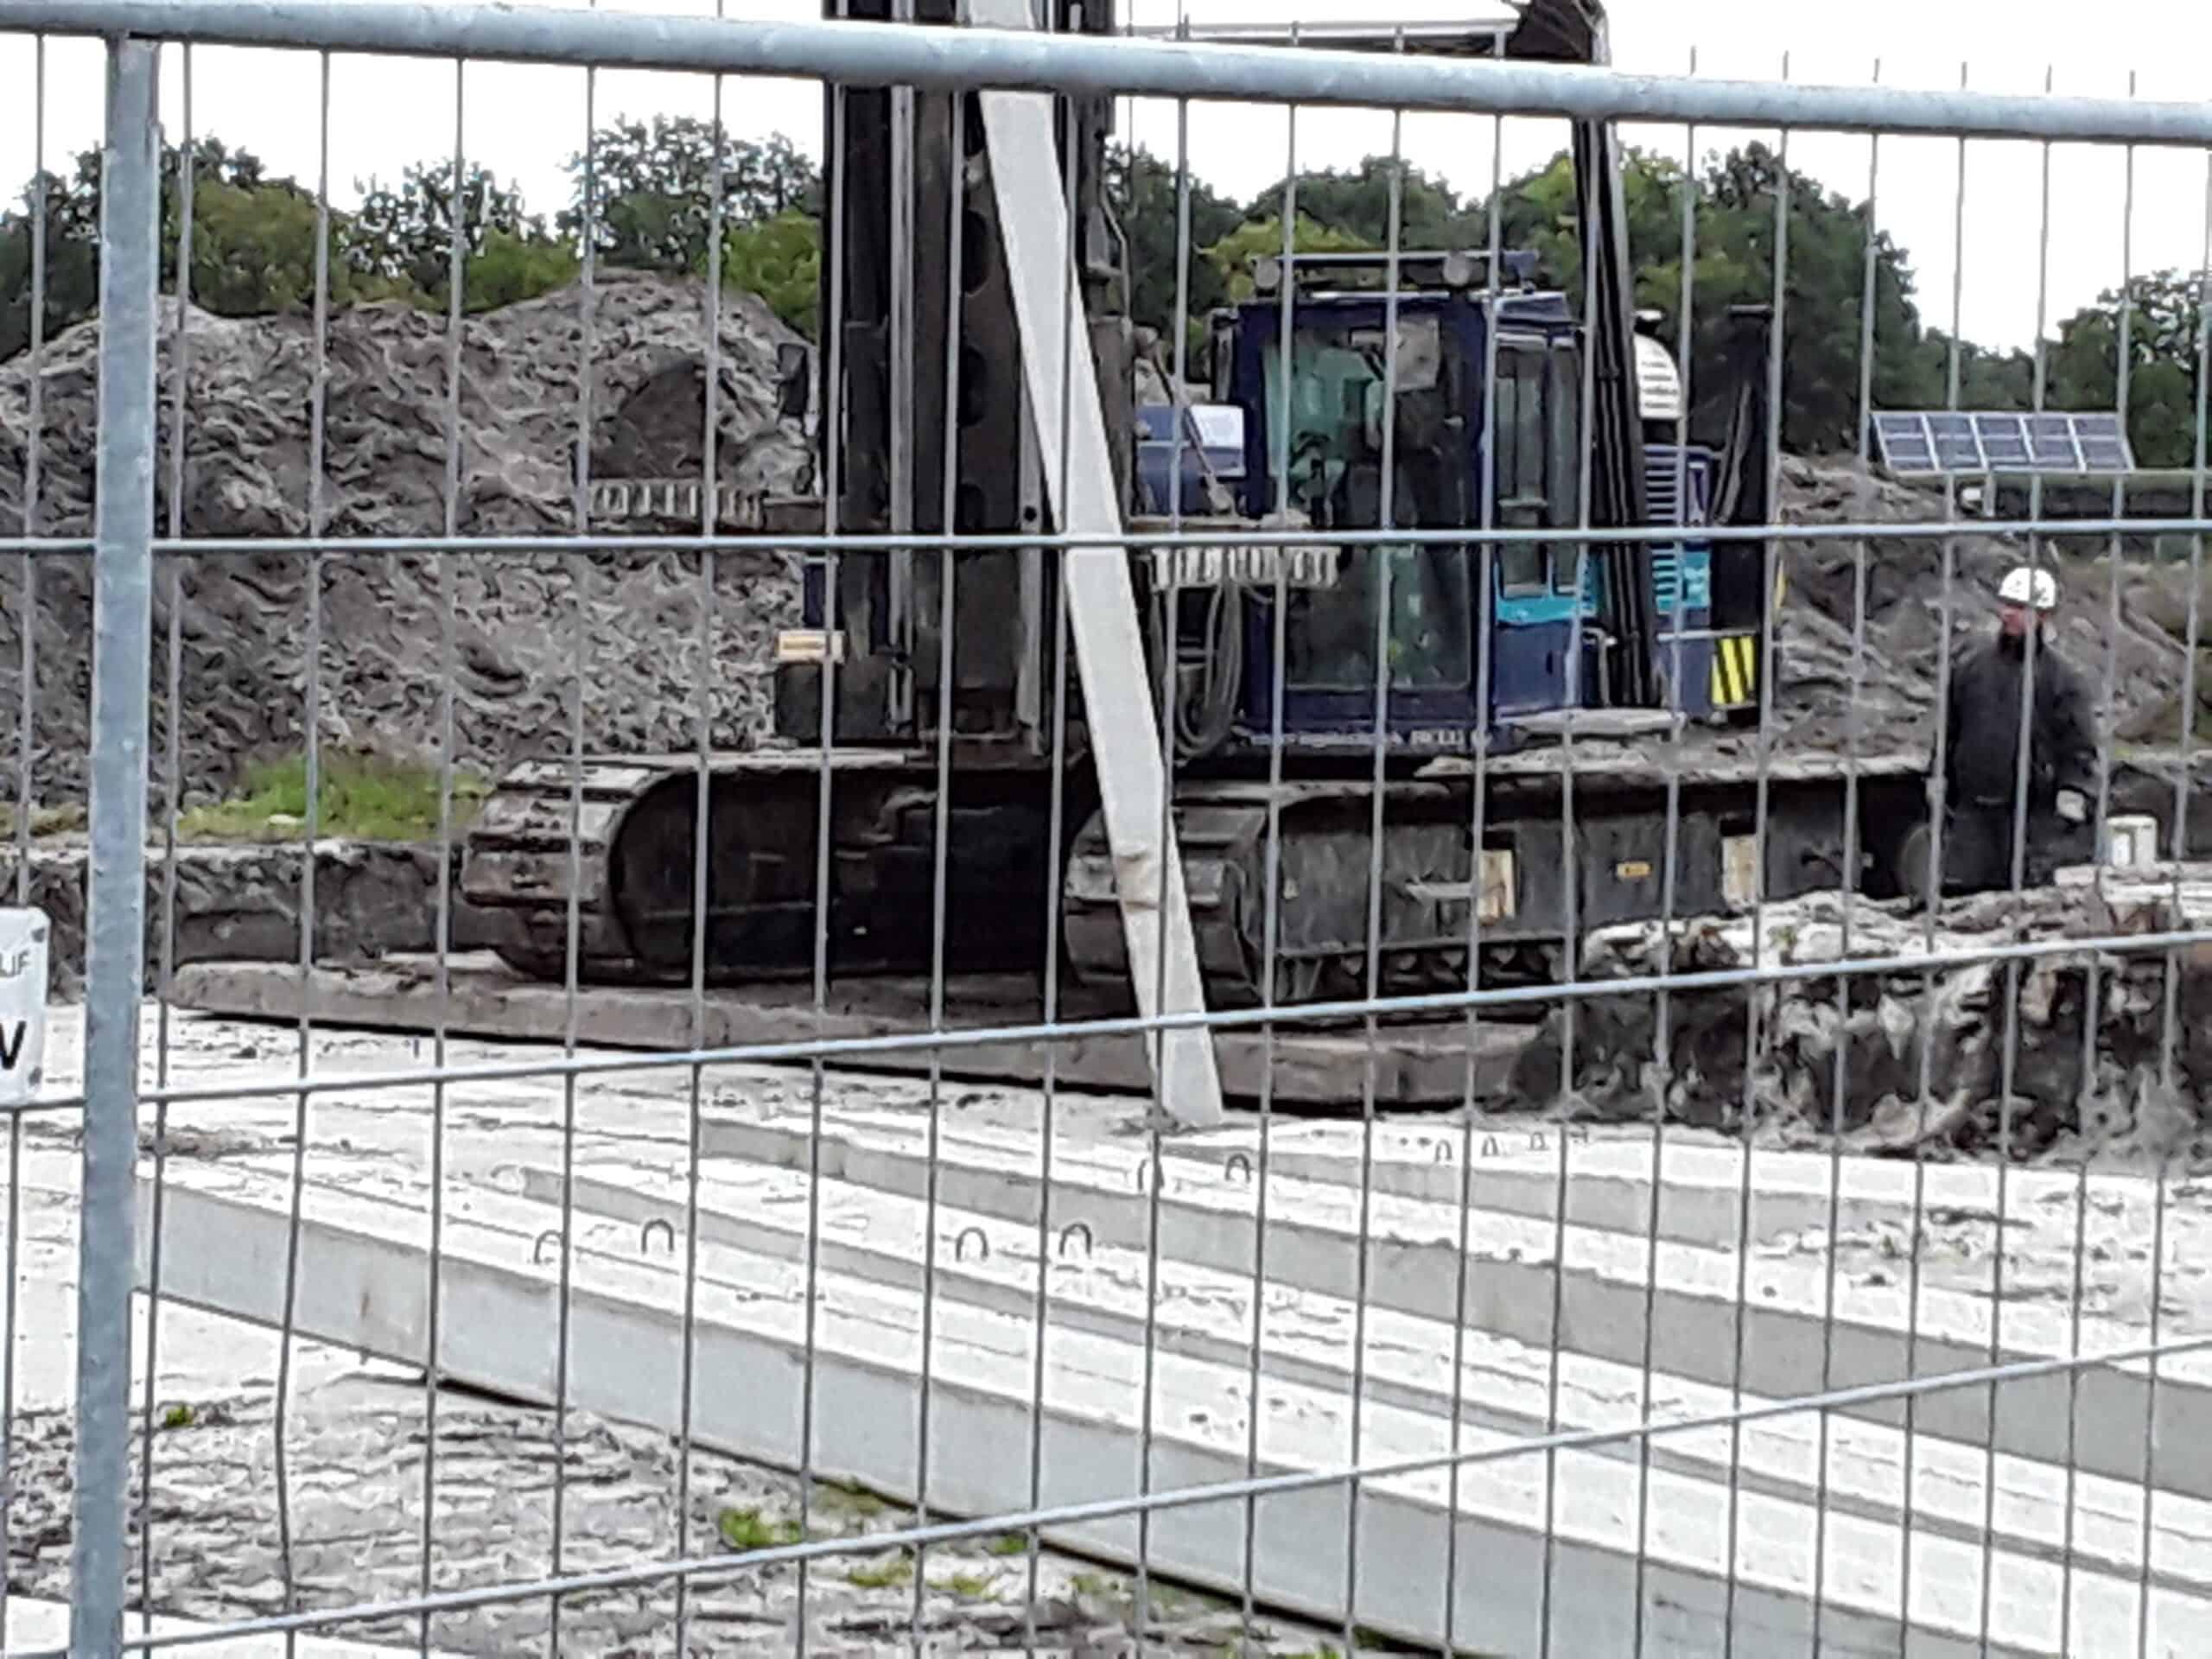 om zware heistelling op zachte ondergronden goed te laten werken zijn zware dragline schotten noodzakelijk.